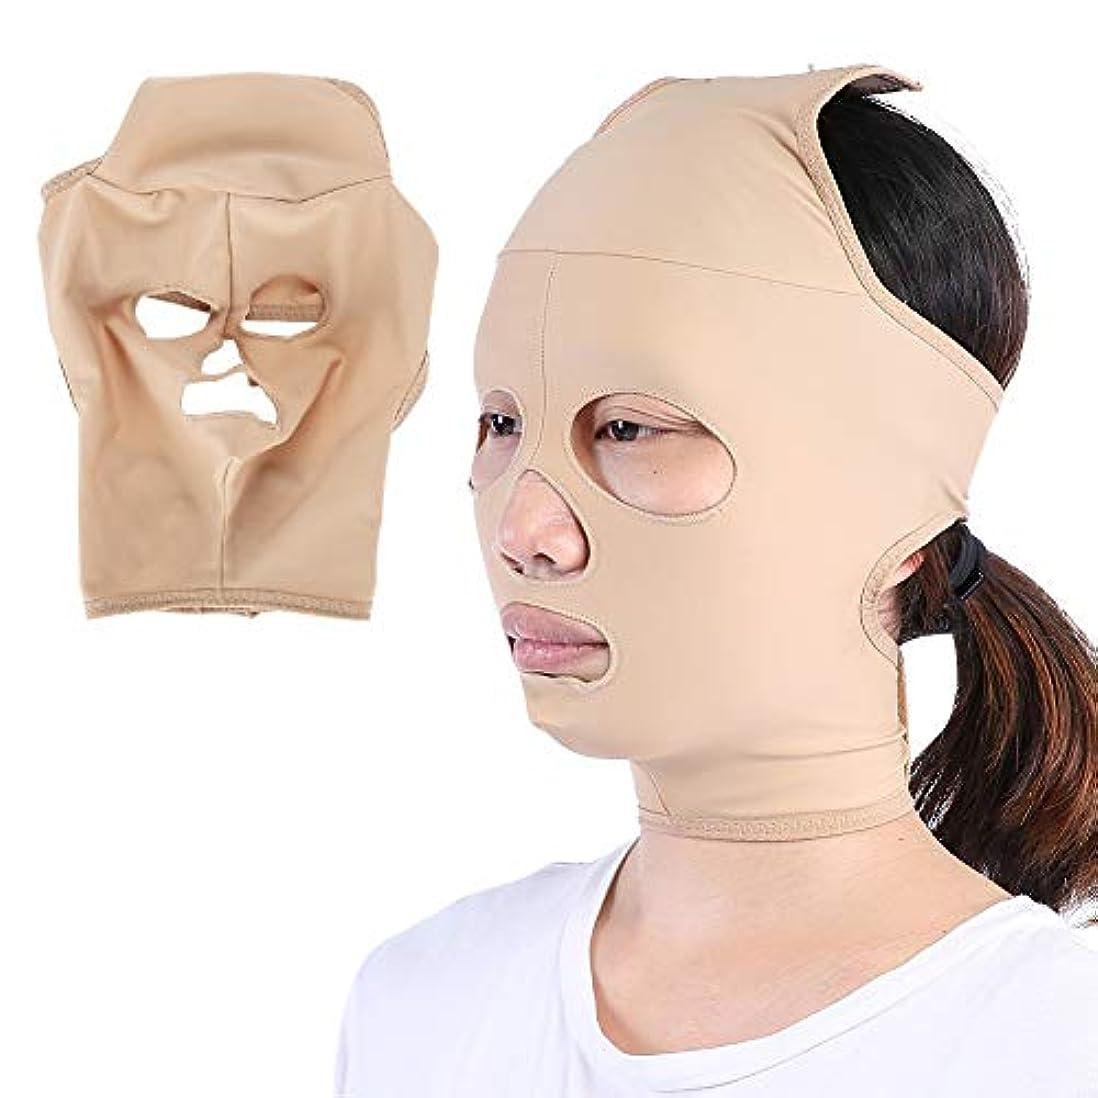 顔の减量のベルト、完全なカバレッジ 顔のVラインを向上させる 二重顎を減らす二重顎、スキンケア包帯(XL)